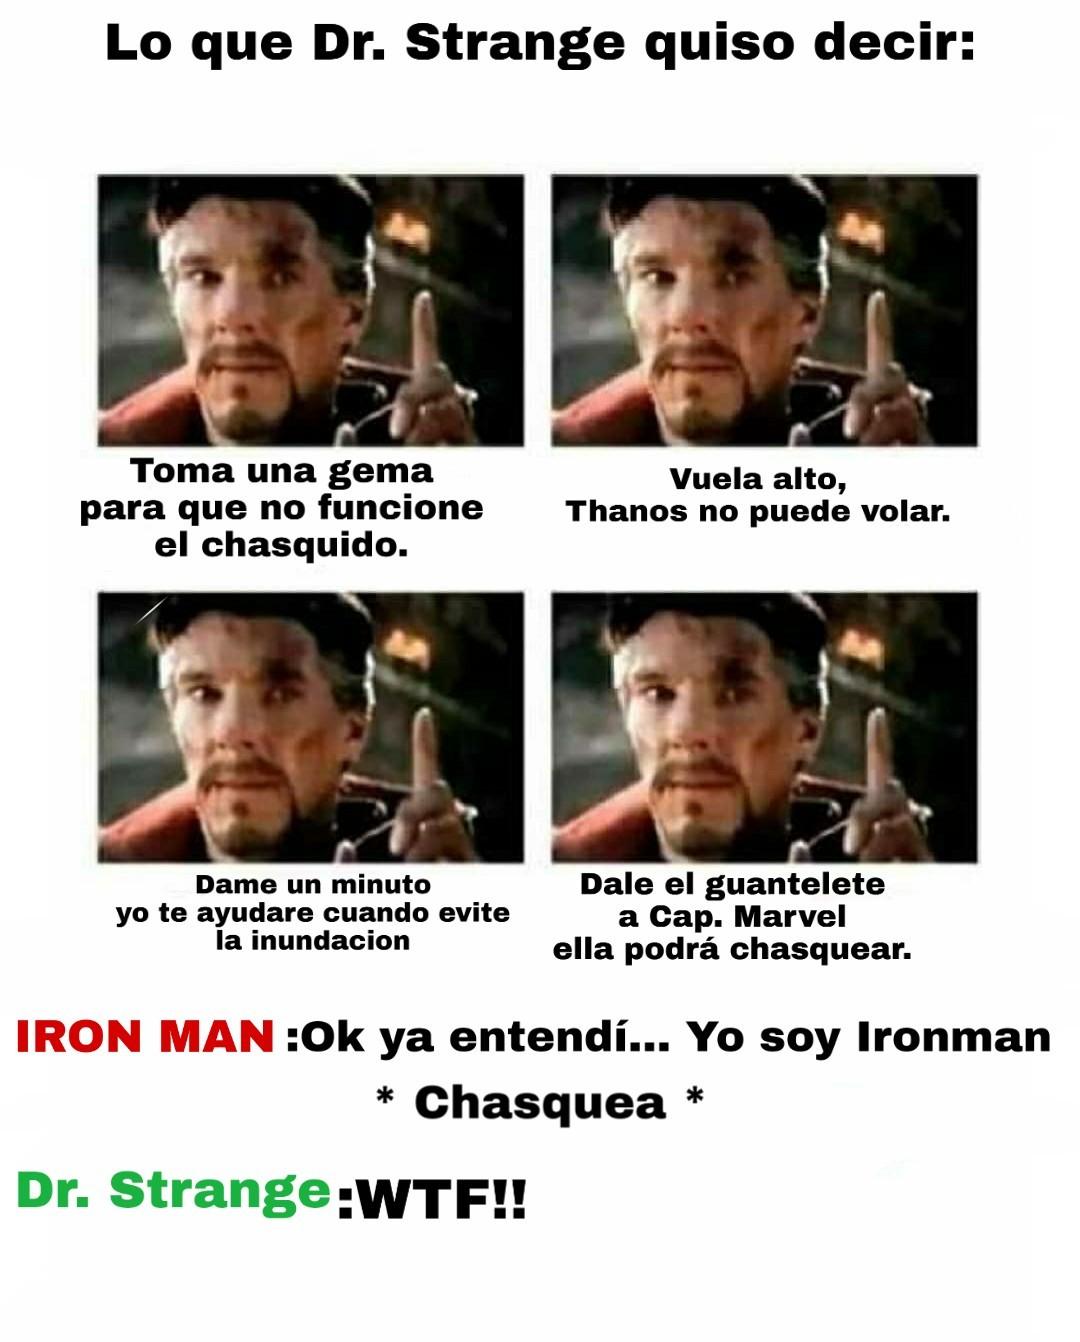 Me gusto el meme asi que lo traduci...